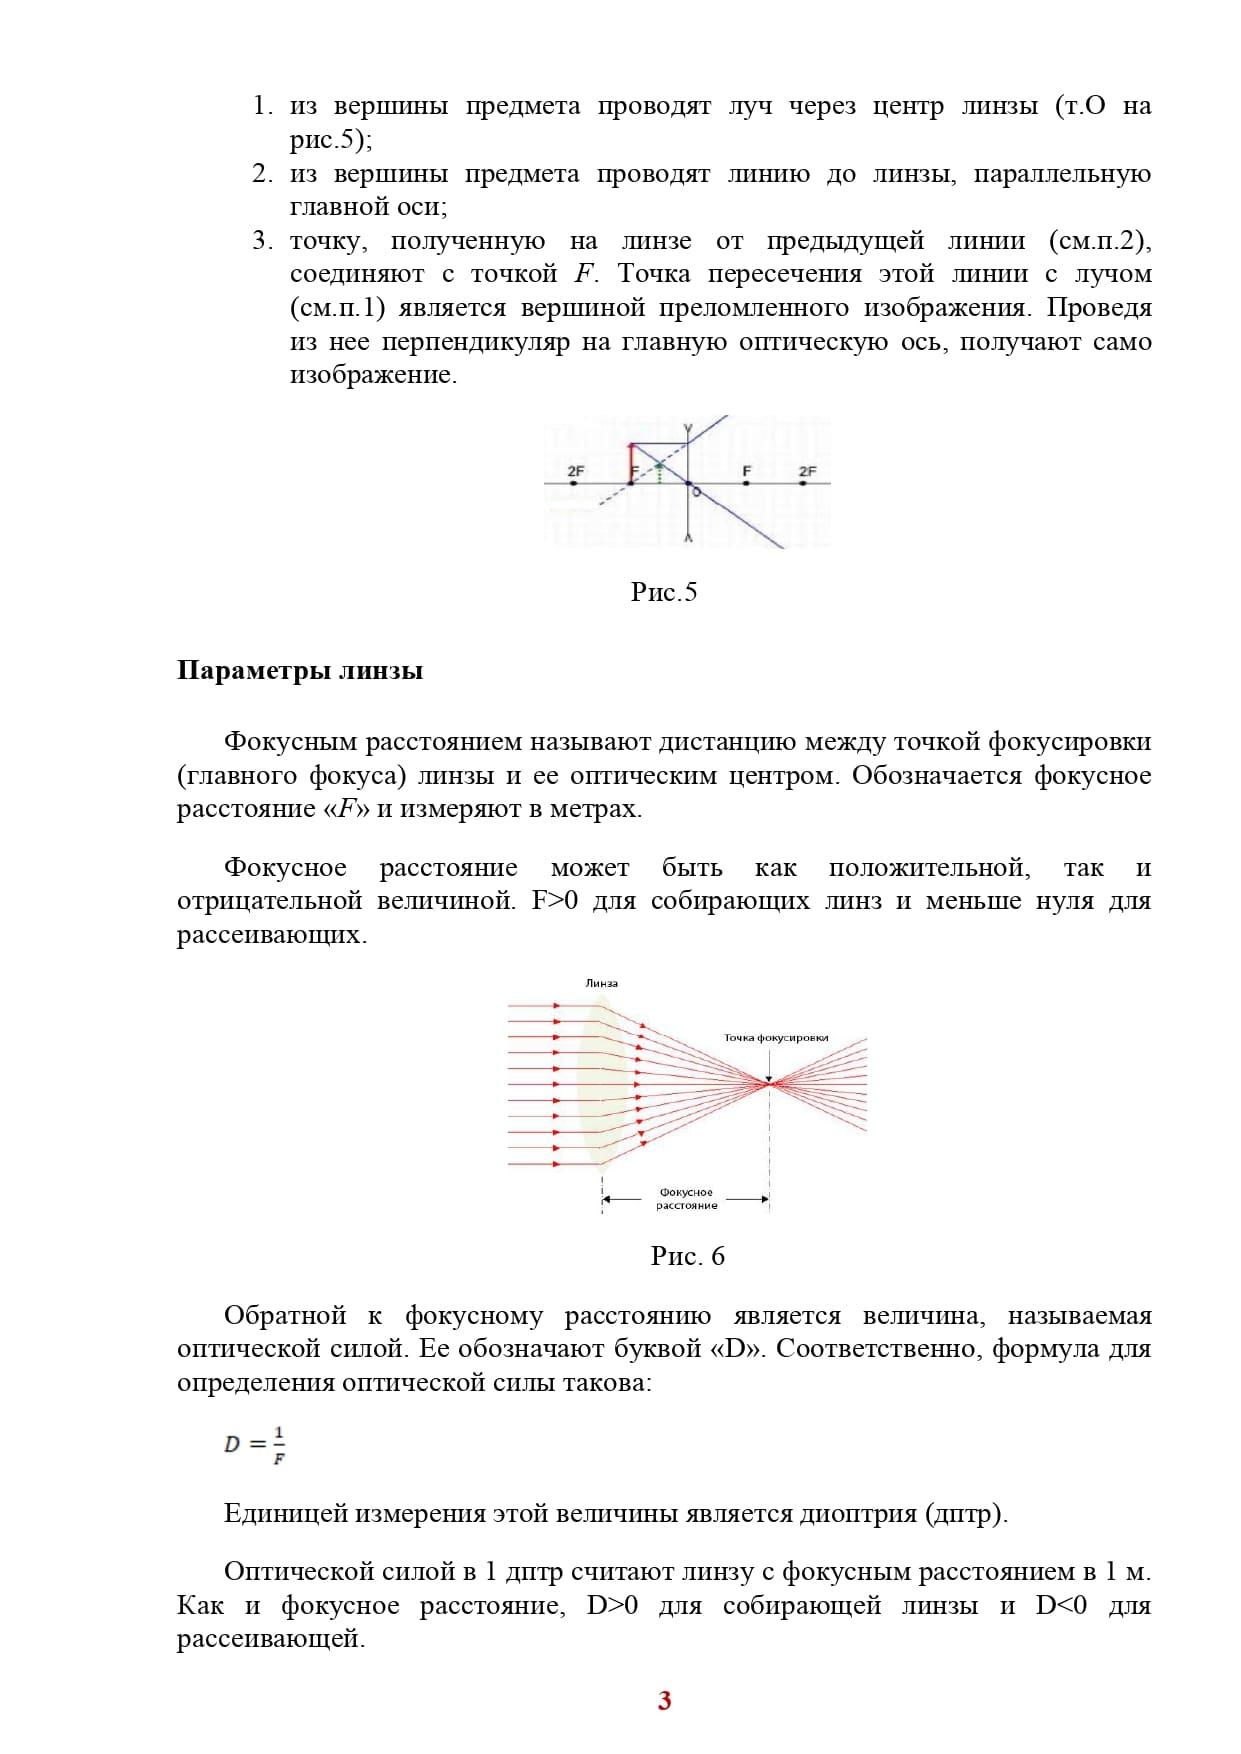 Готовимся к ОГЭ. Физика. 9 класс. Опора №9 страница 3